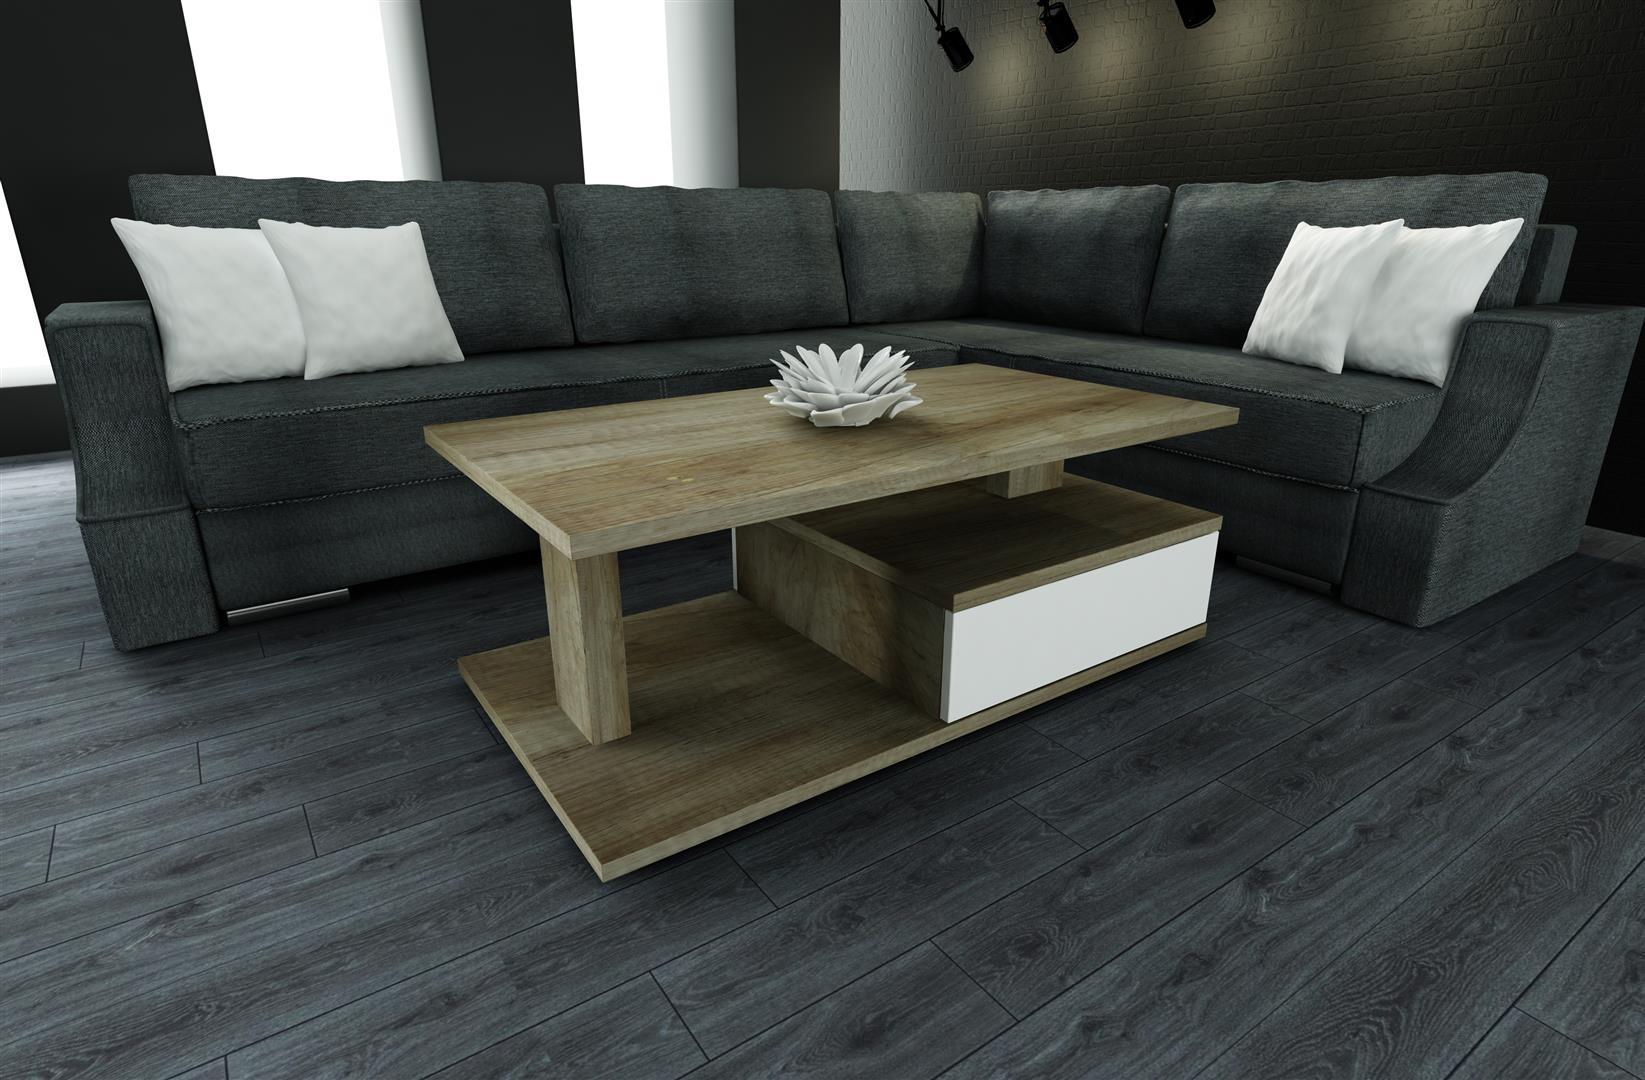 endo moebel wir produzieren couchtische esstische. Black Bedroom Furniture Sets. Home Design Ideas